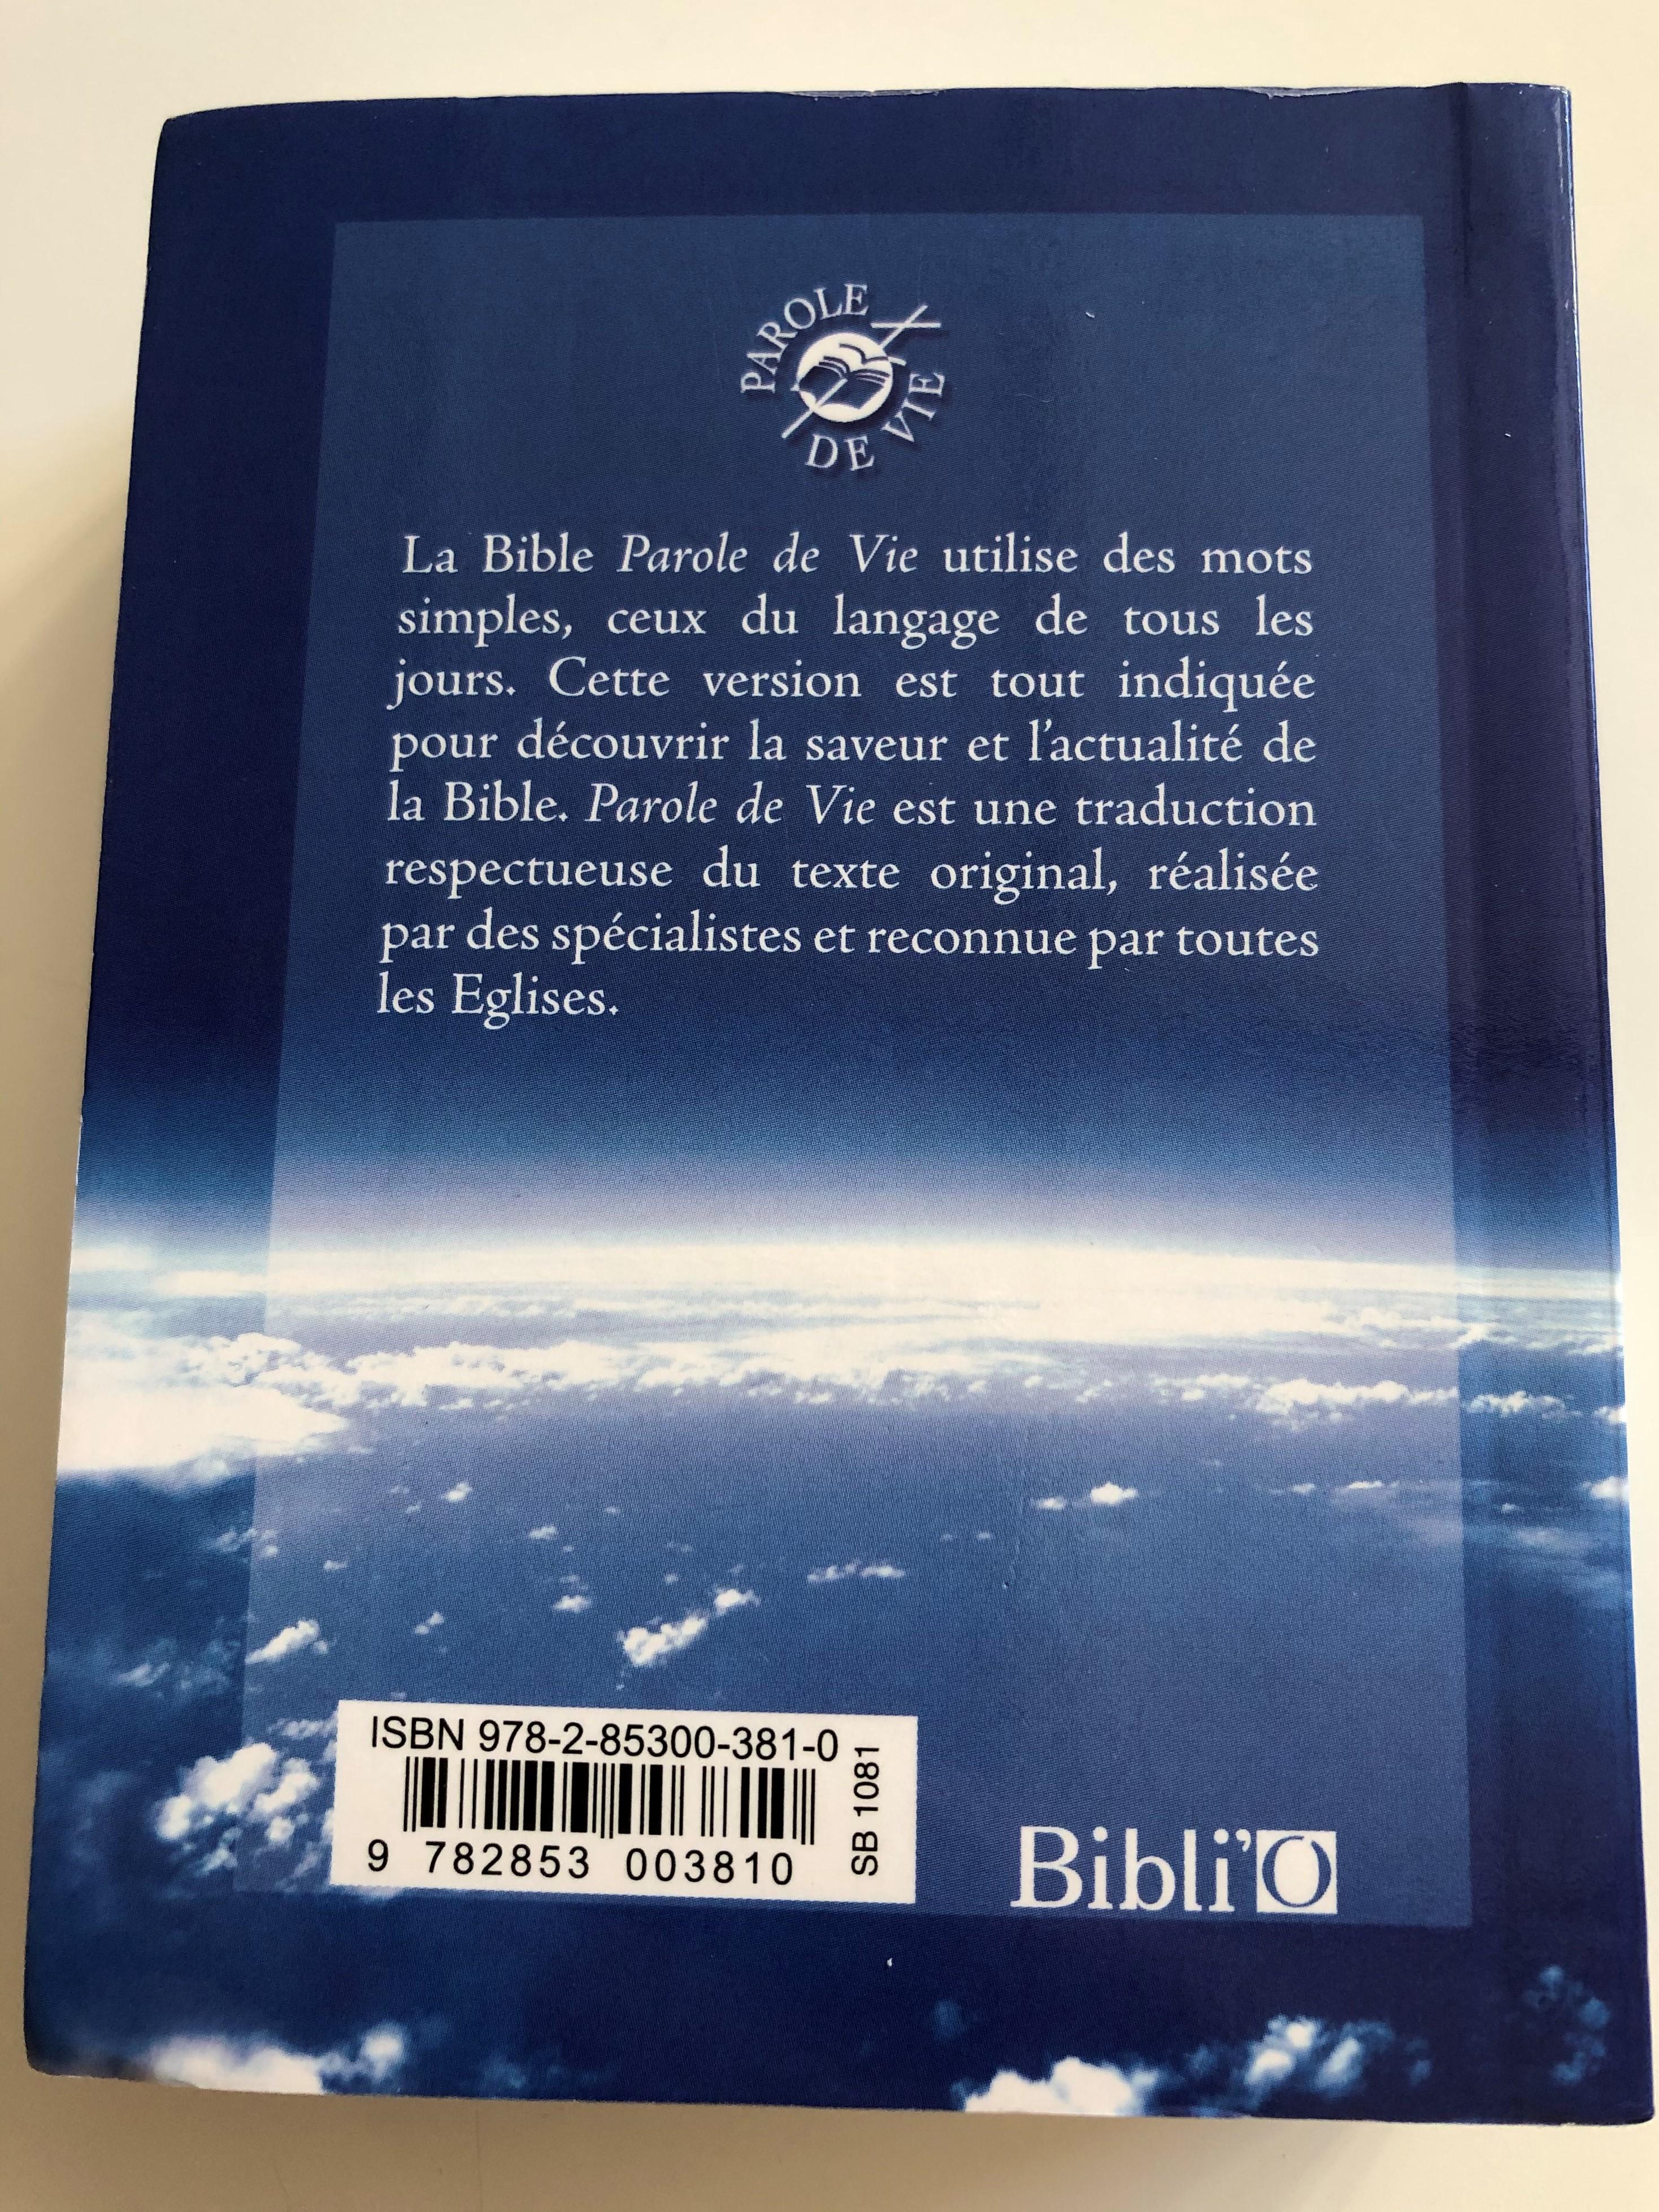 -la-bible-parole-de-vie-french-language-word-of-life-bible-ancien-testament-et-nouveau-testament-5-.jpg